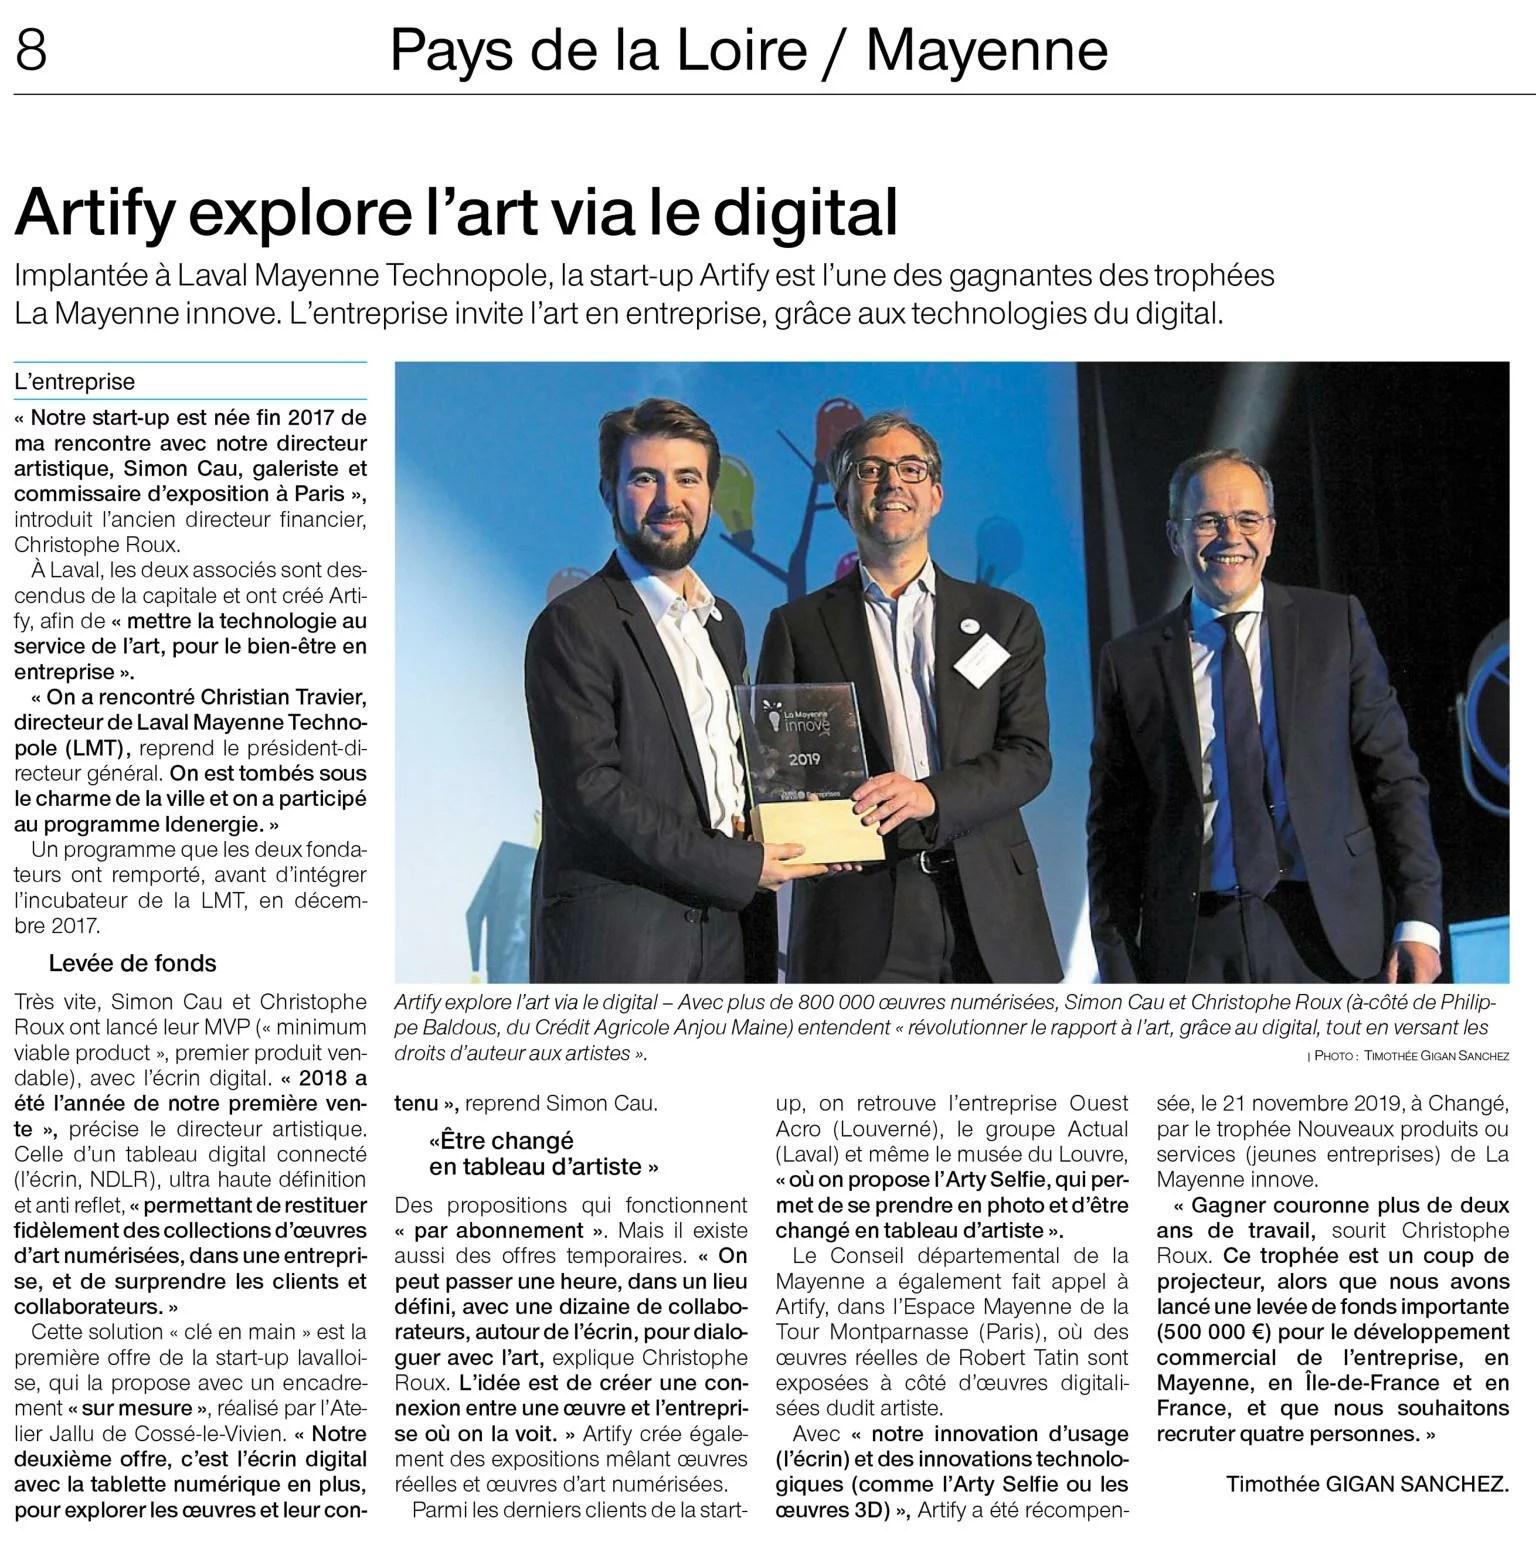 Artify - Article mettant en avant la remise du prix La Mayenne Innove du Crédit Agricole Anjou Maine